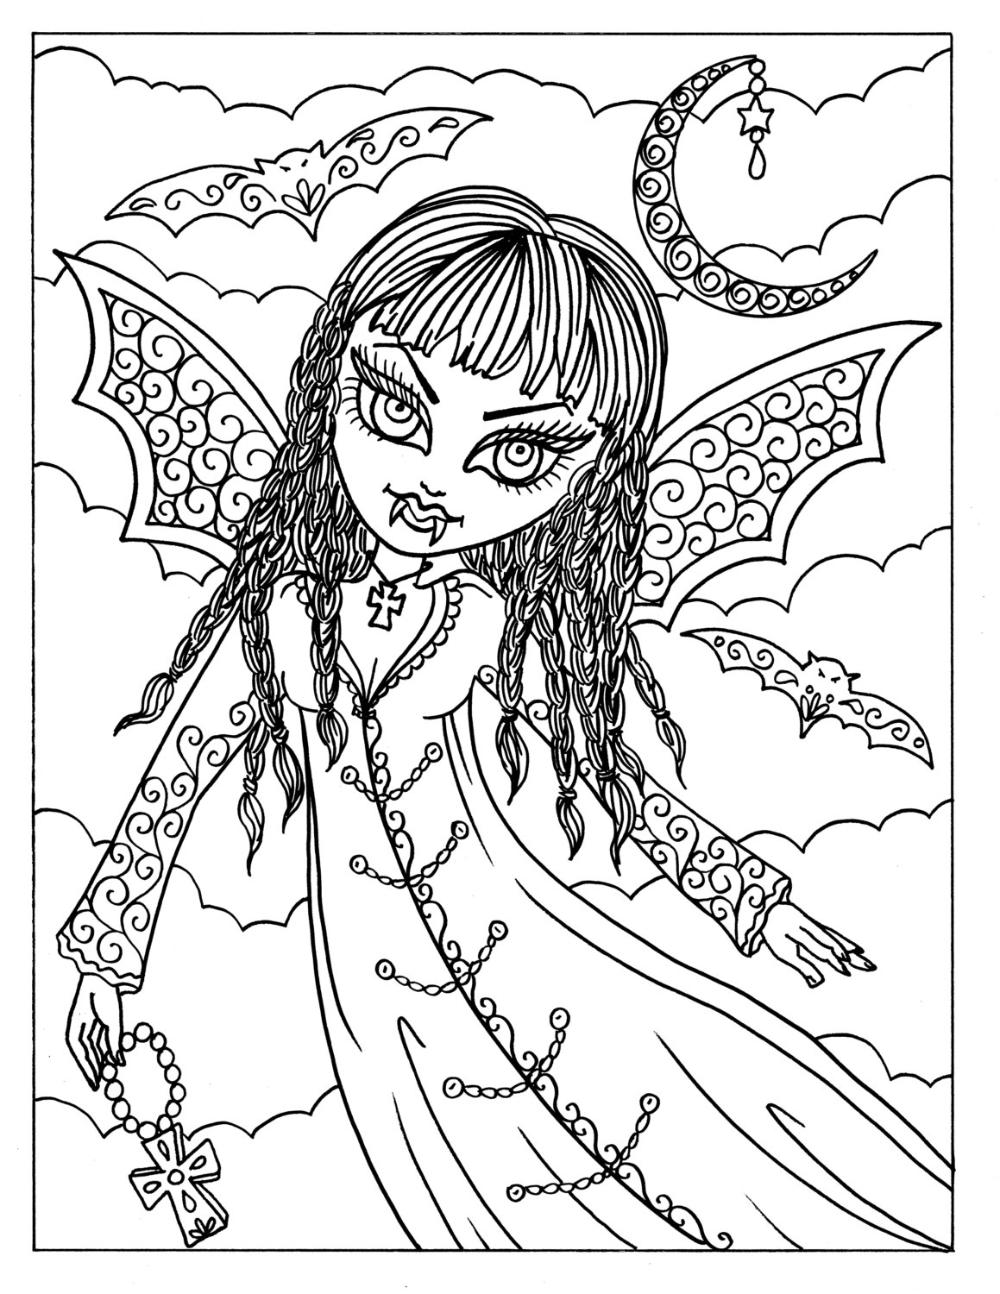 5 Pagina S Van Vampire Vixens Aan Color Instant Download Etsy Kleurplaten Voor Volwassenen Vampier Kleurplaten